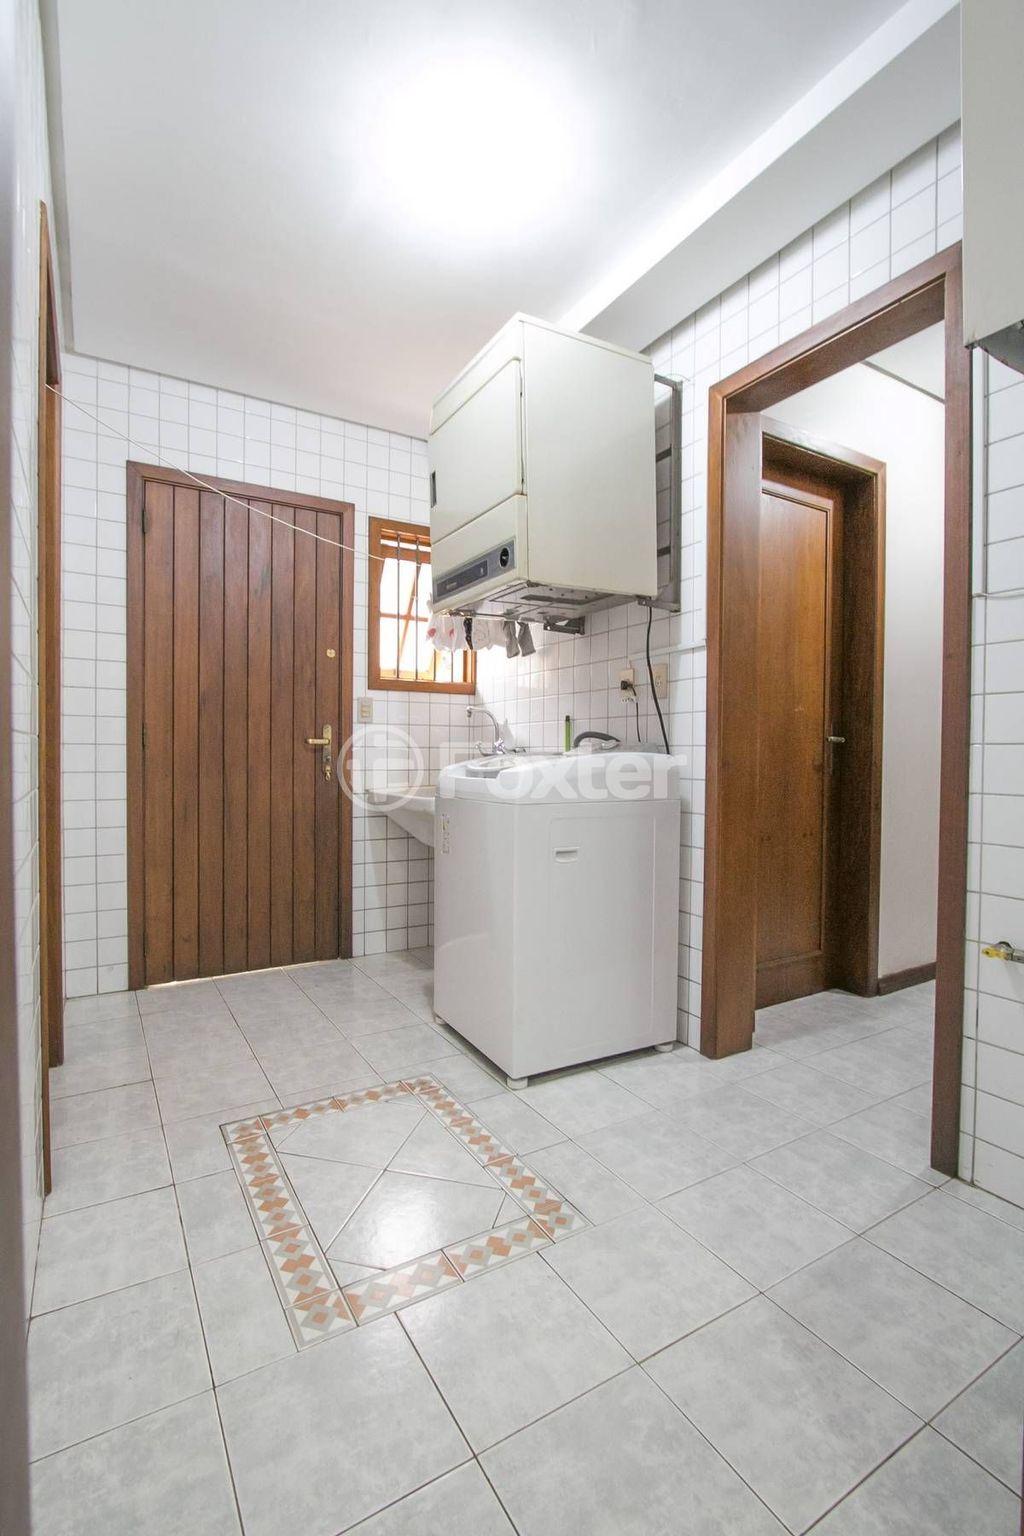 Casa 3 Dorm, Três Figueiras, Porto Alegre (111736) - Foto 36